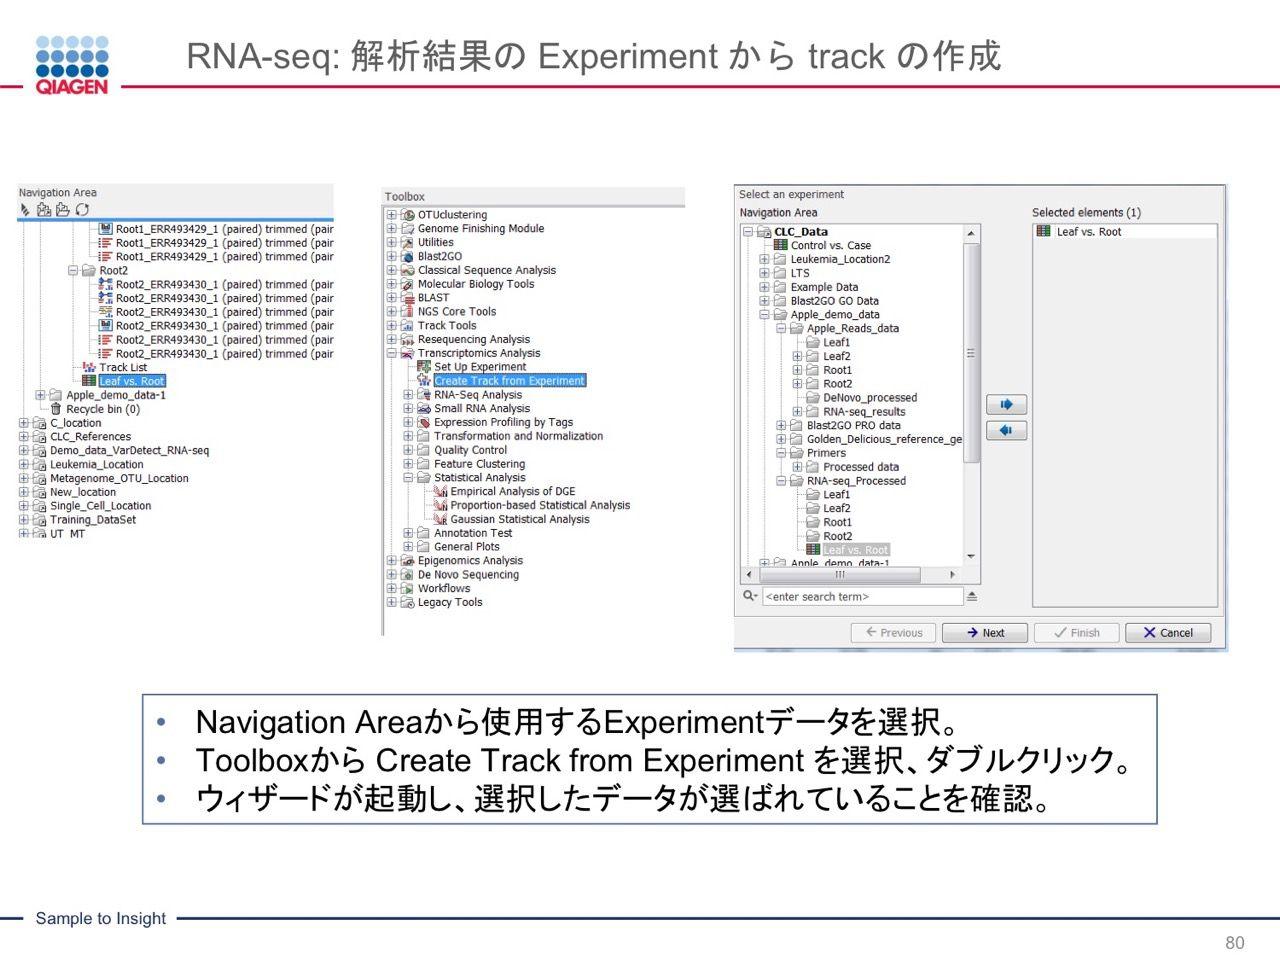 images/AJACSa2_miyamoto_080.jpg